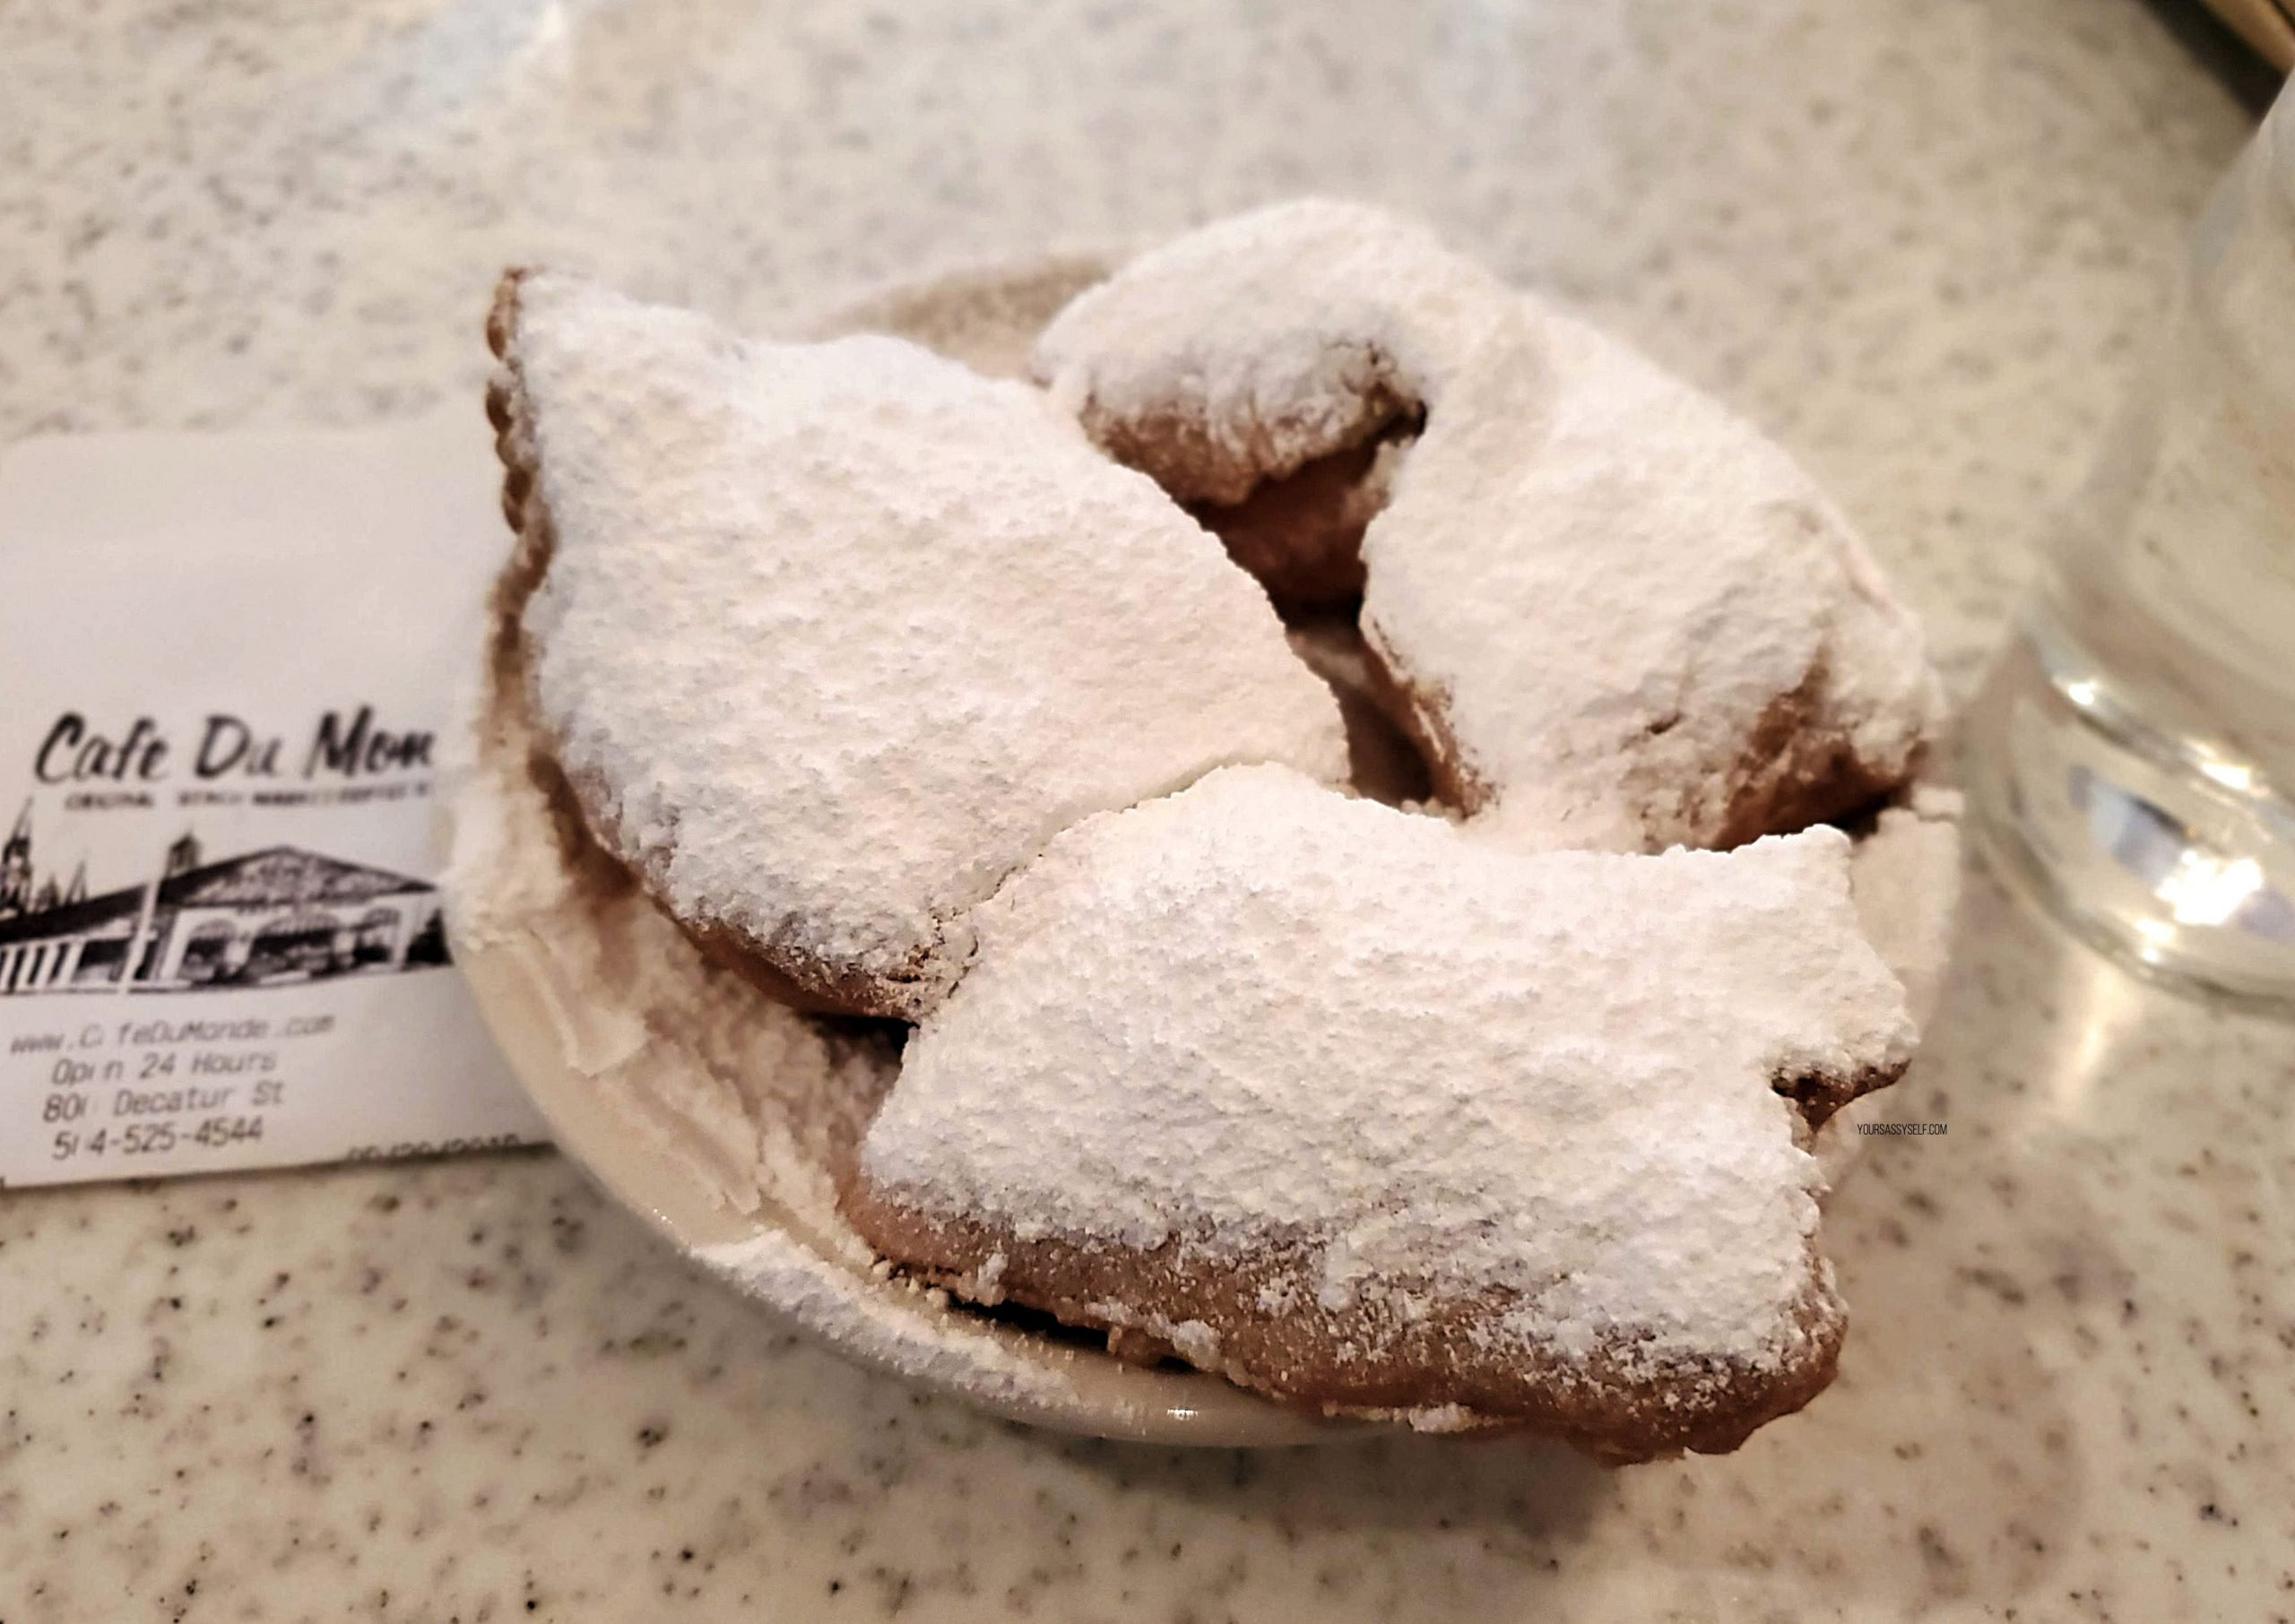 Café du Monde beignets - yoursassyself.com